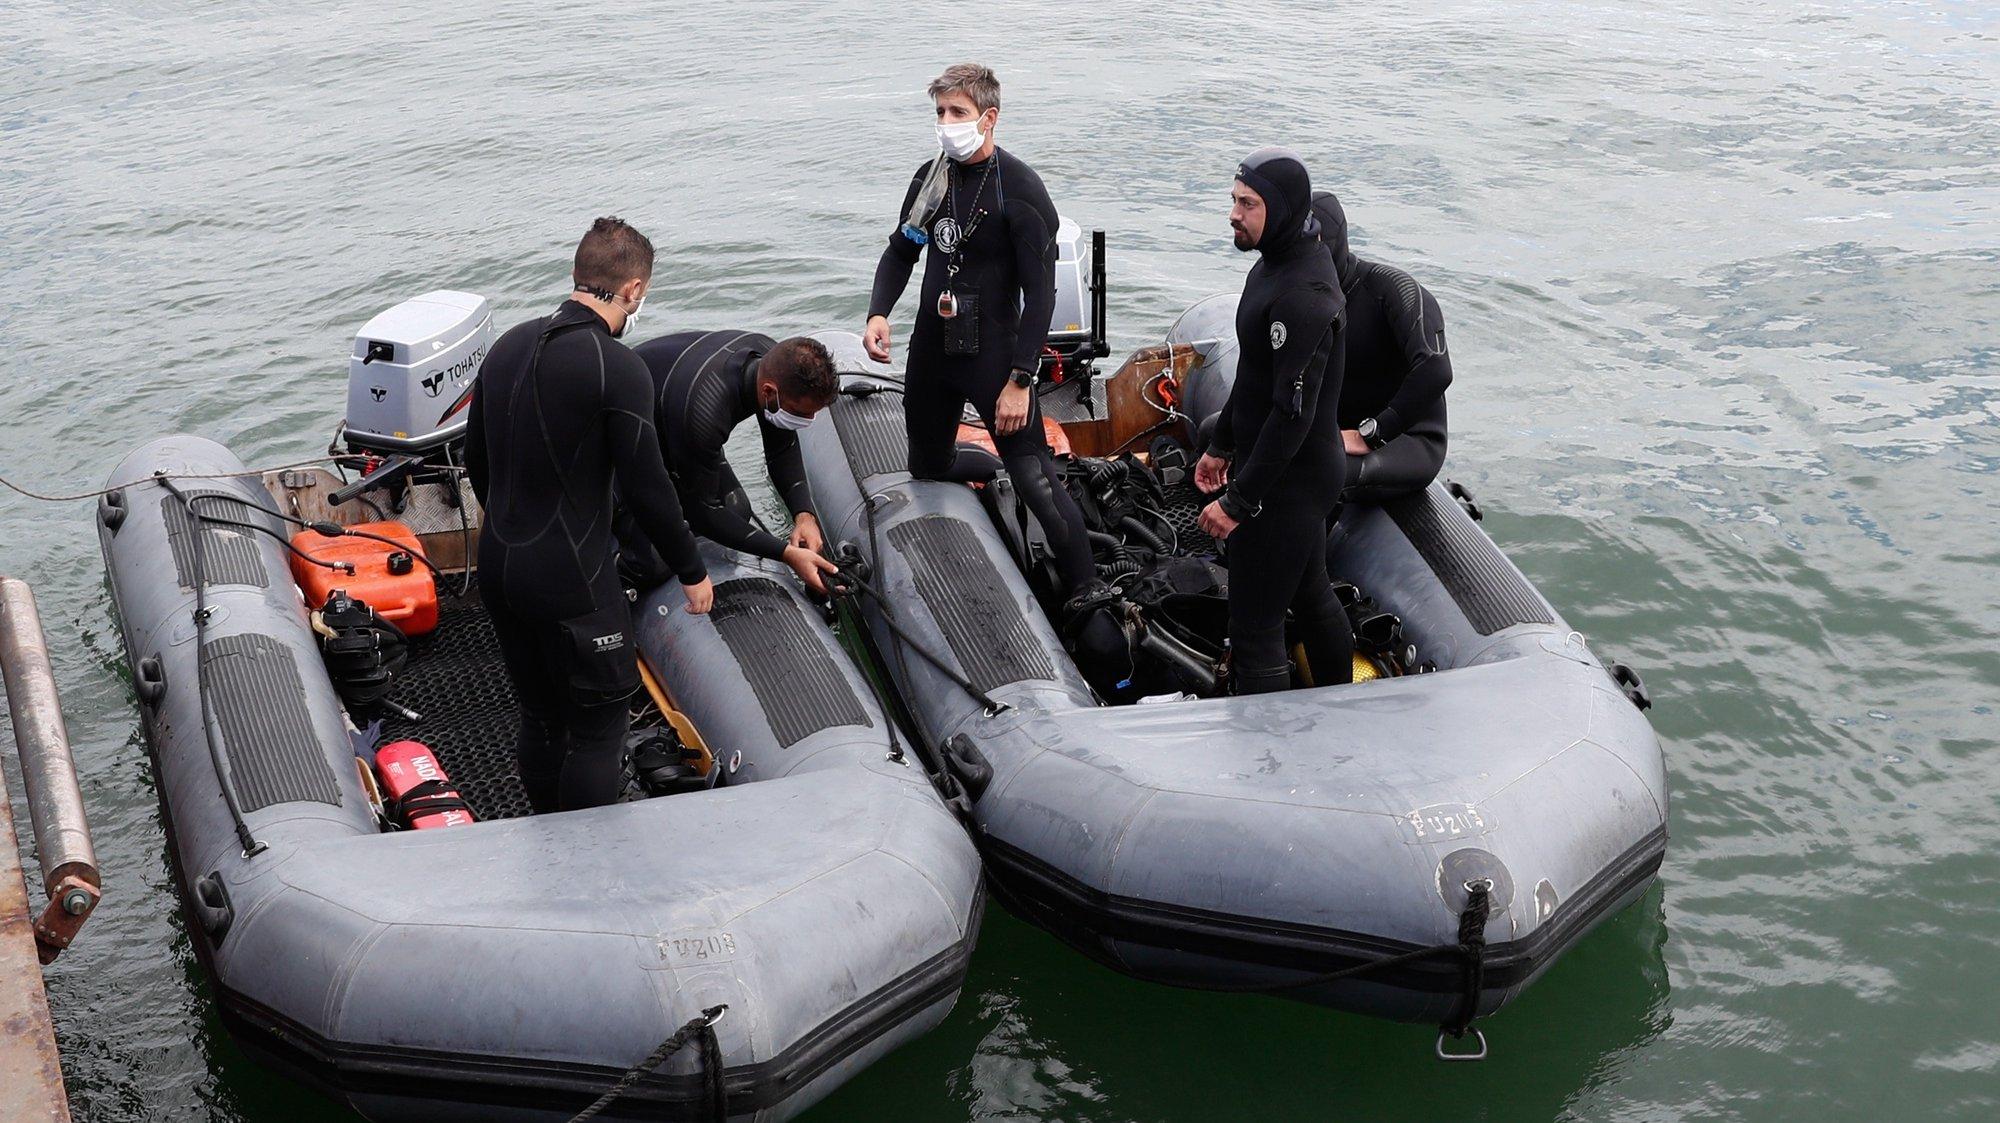 Mergulhadoress participam no primeiro exercício nacional da série ESCAPEX na Base Naval de Lisboa, no Alfeite, Almada, 17 de setembro de 2020. O submarino Tridente irá assentar no fundo da Base Naval de Lisboa, no Alfeite, de onde oito militares, submarinistas, treinados e clinicamente examinados irão abandonar um por um o interior do submarino até à superfície. ANTÓNIO COTRIM/LUSA